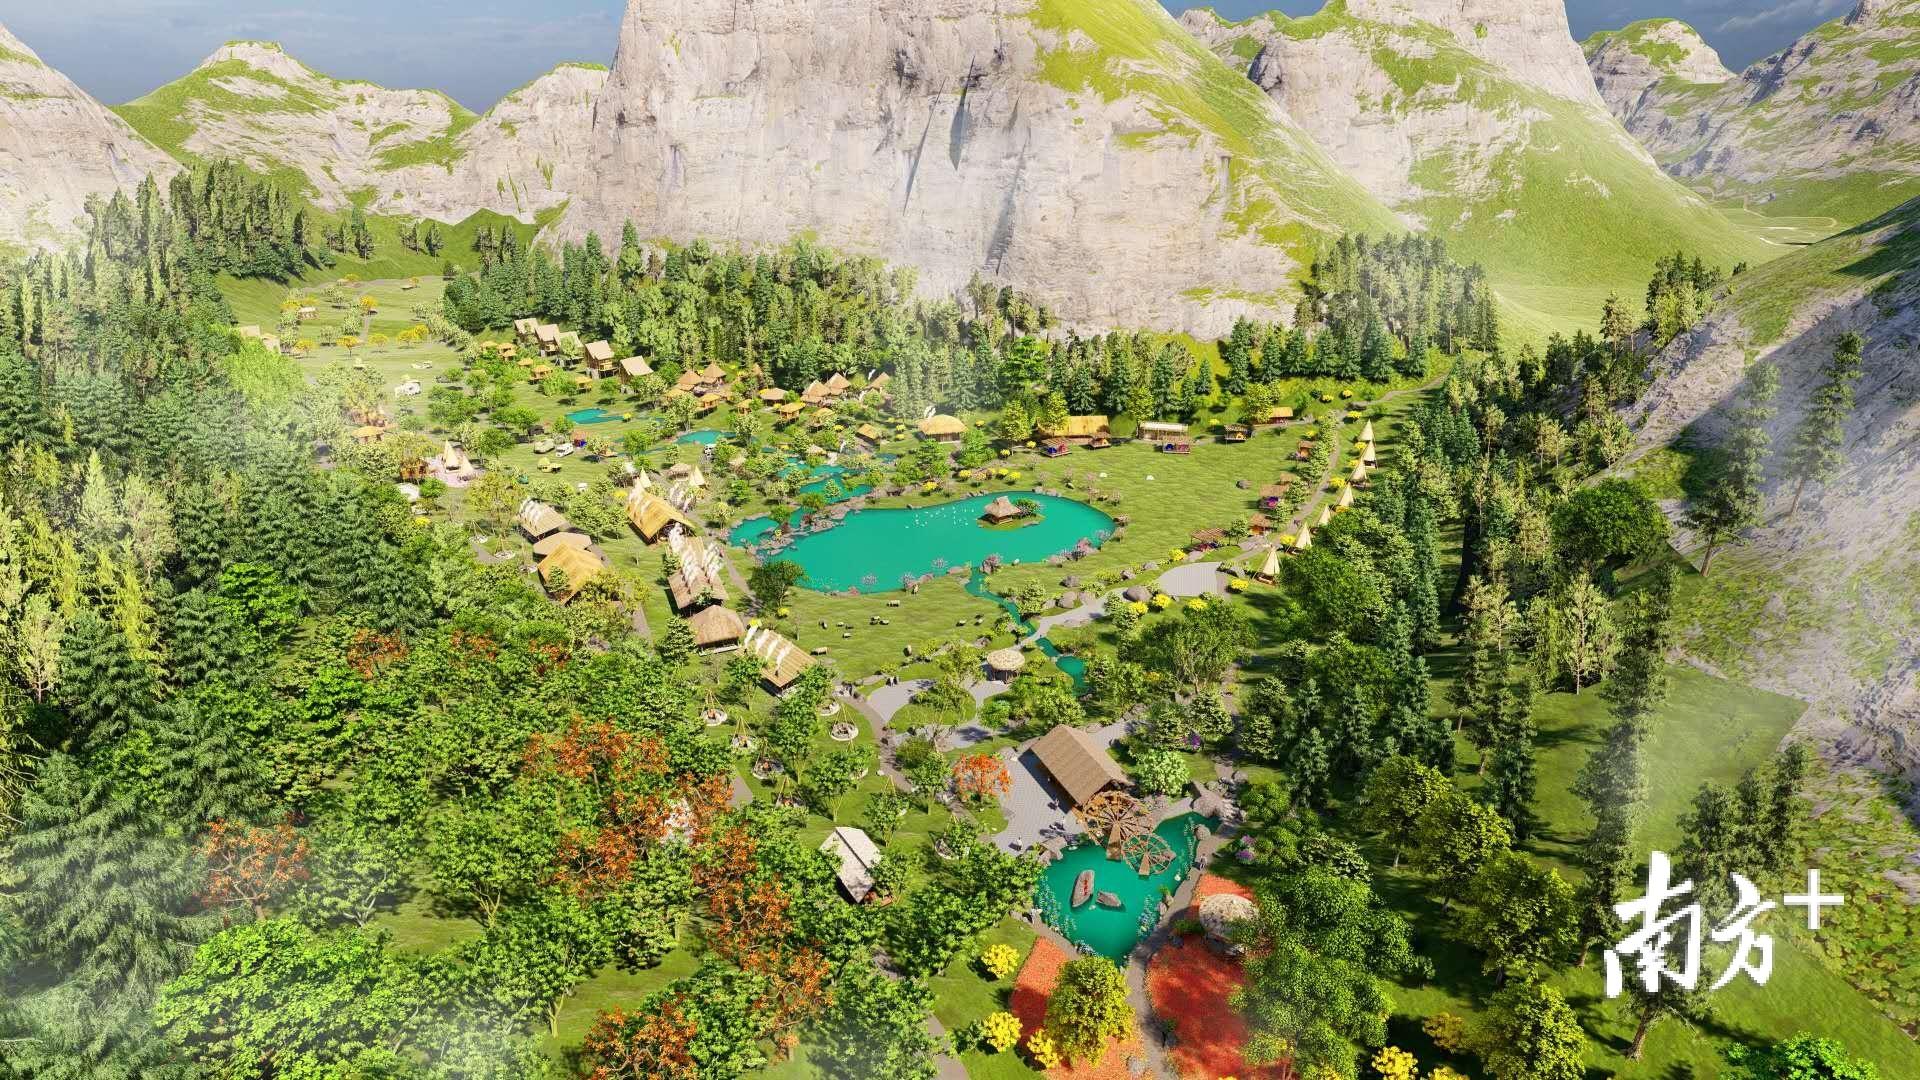 寻源谷森林康养基地(户外运动基地)项目效果图。